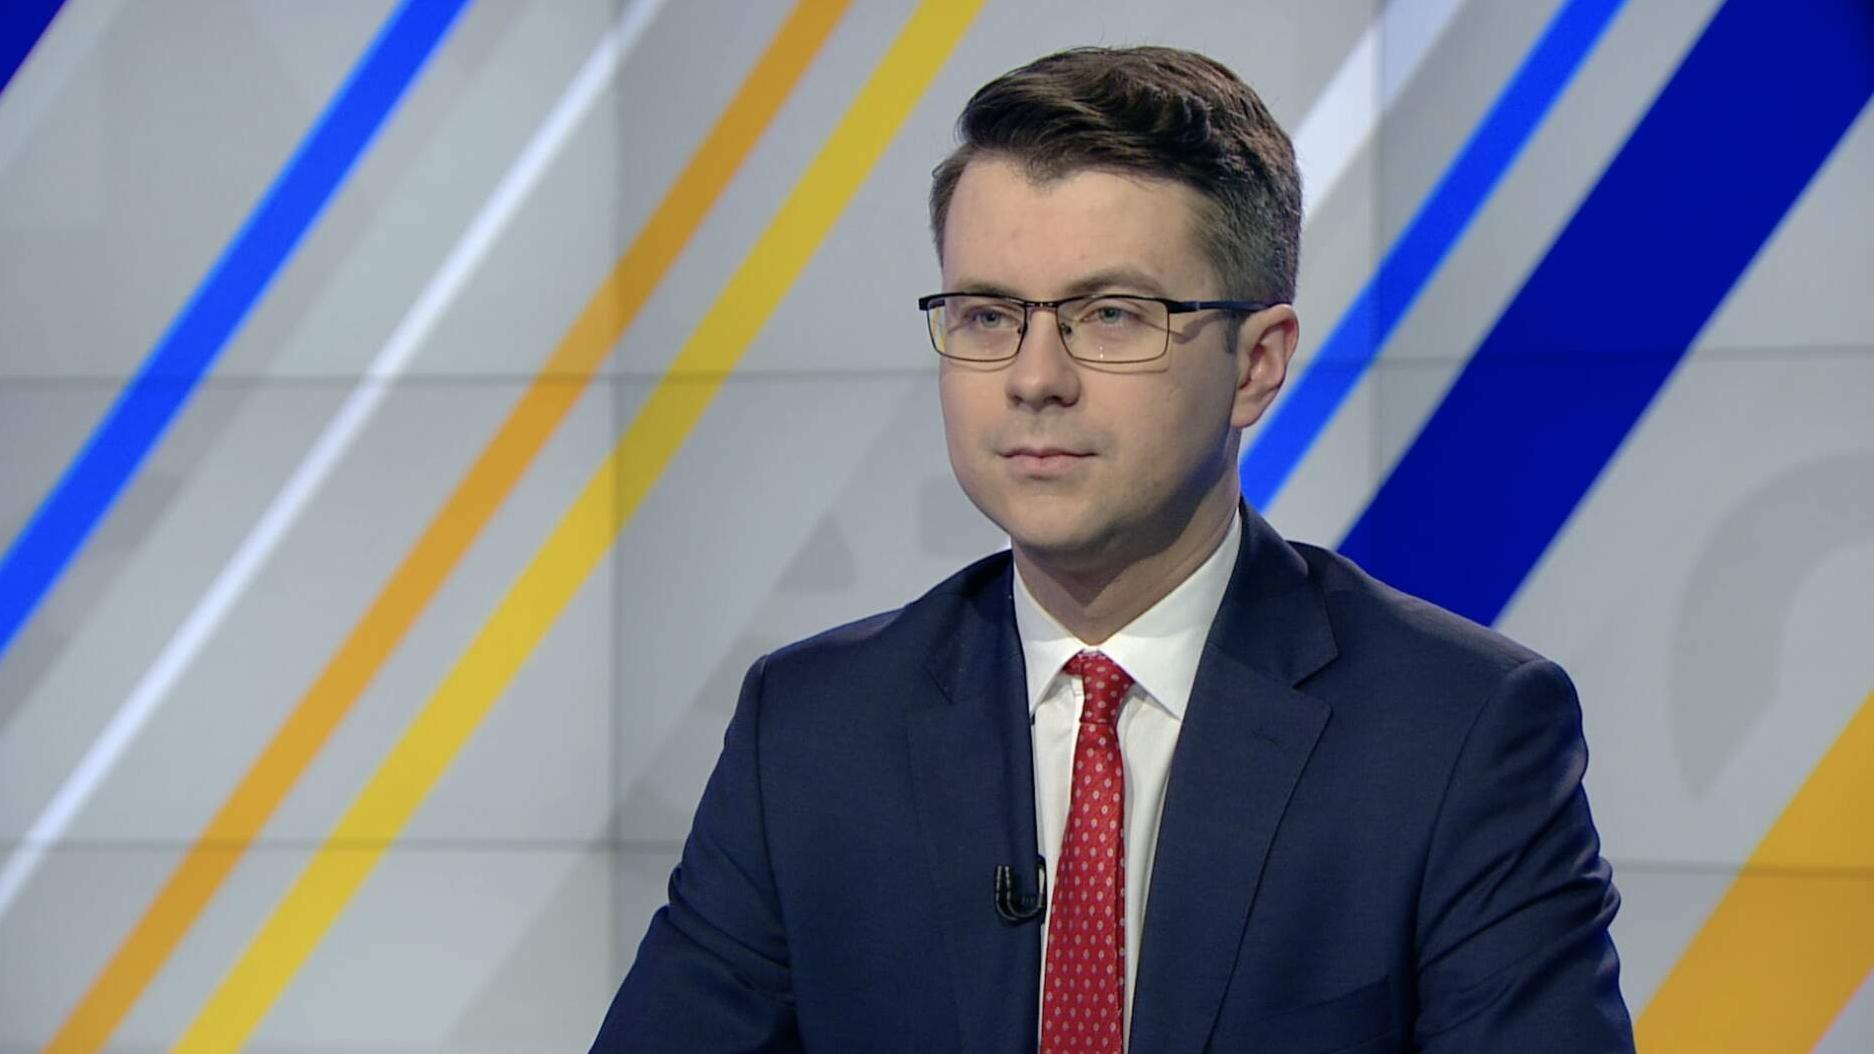 """""""Po prostu manipulanckie i nieprawdziwe"""". Gorące spięcie dziennikarki TVN z rzecznikiem Morawieckiego"""